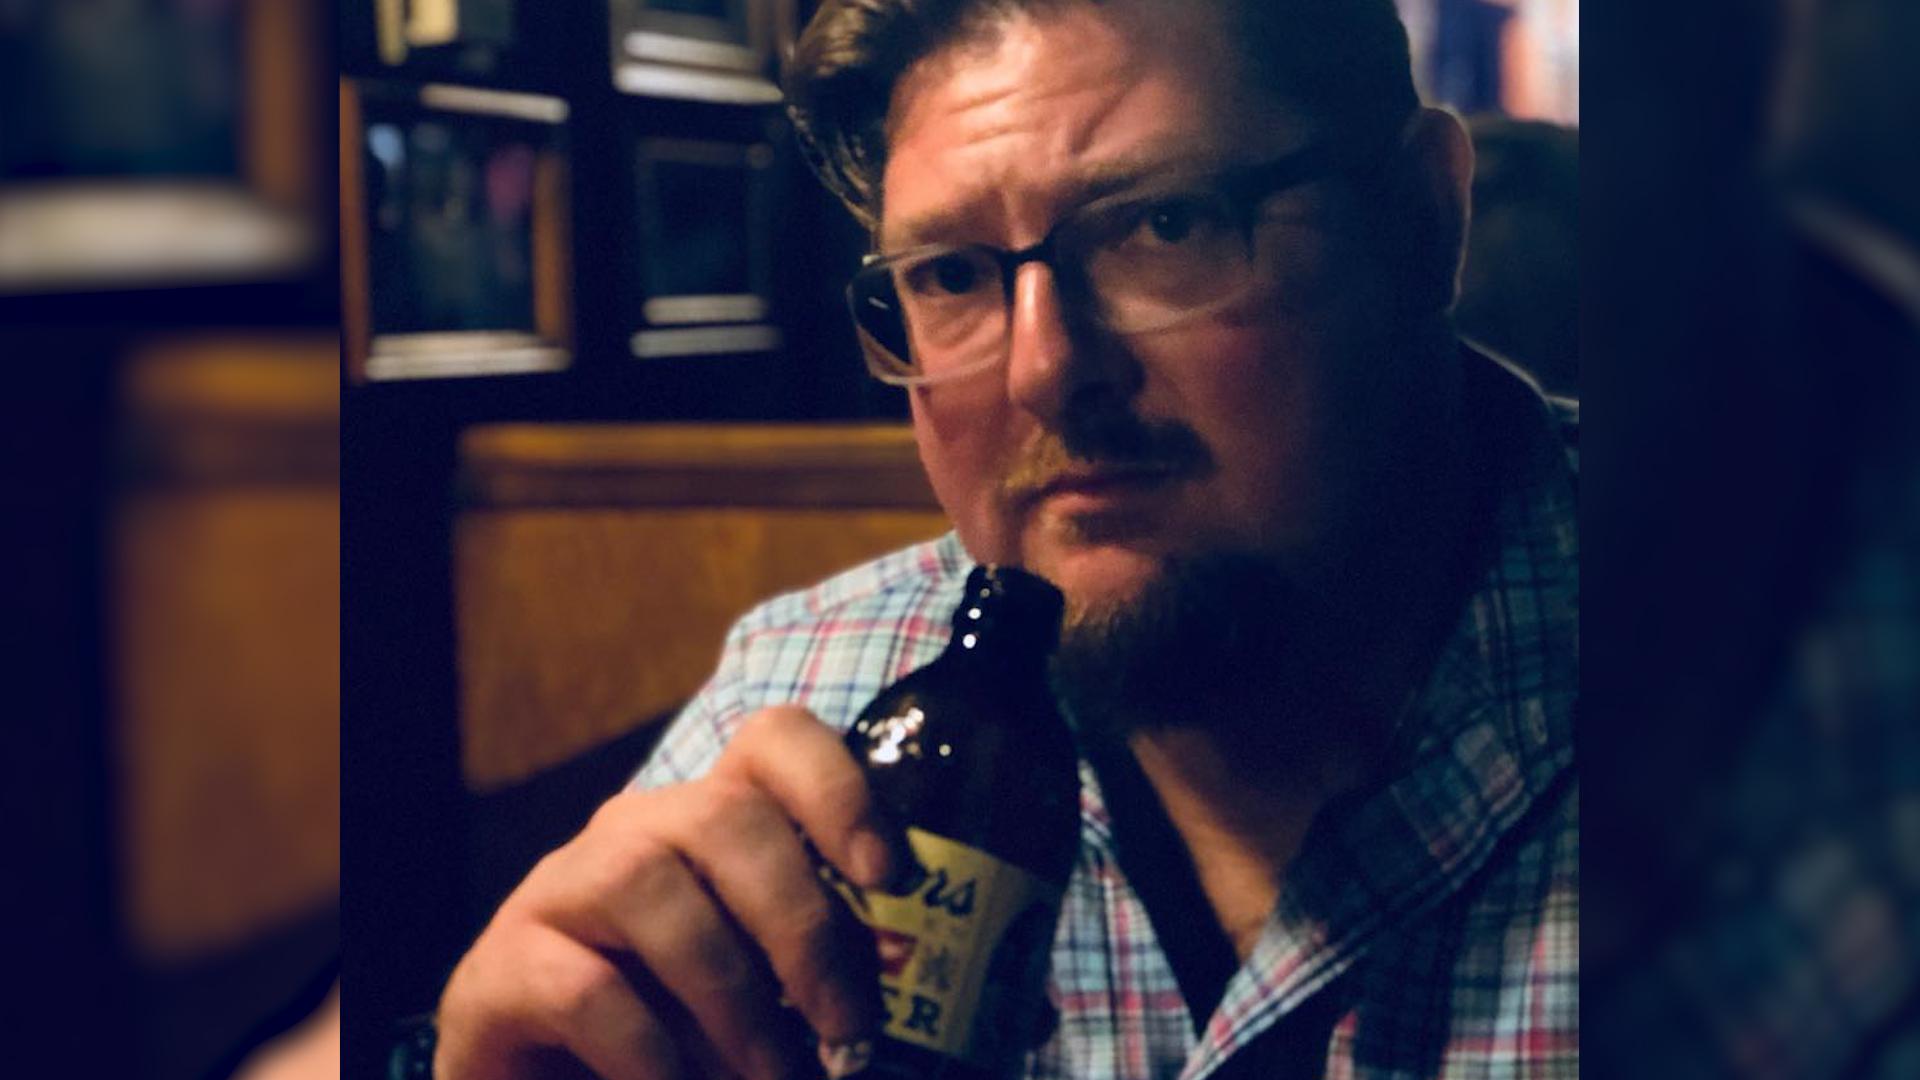 Chce udowodnić, że piwo jest zdrowe. Podjął wyzwanie